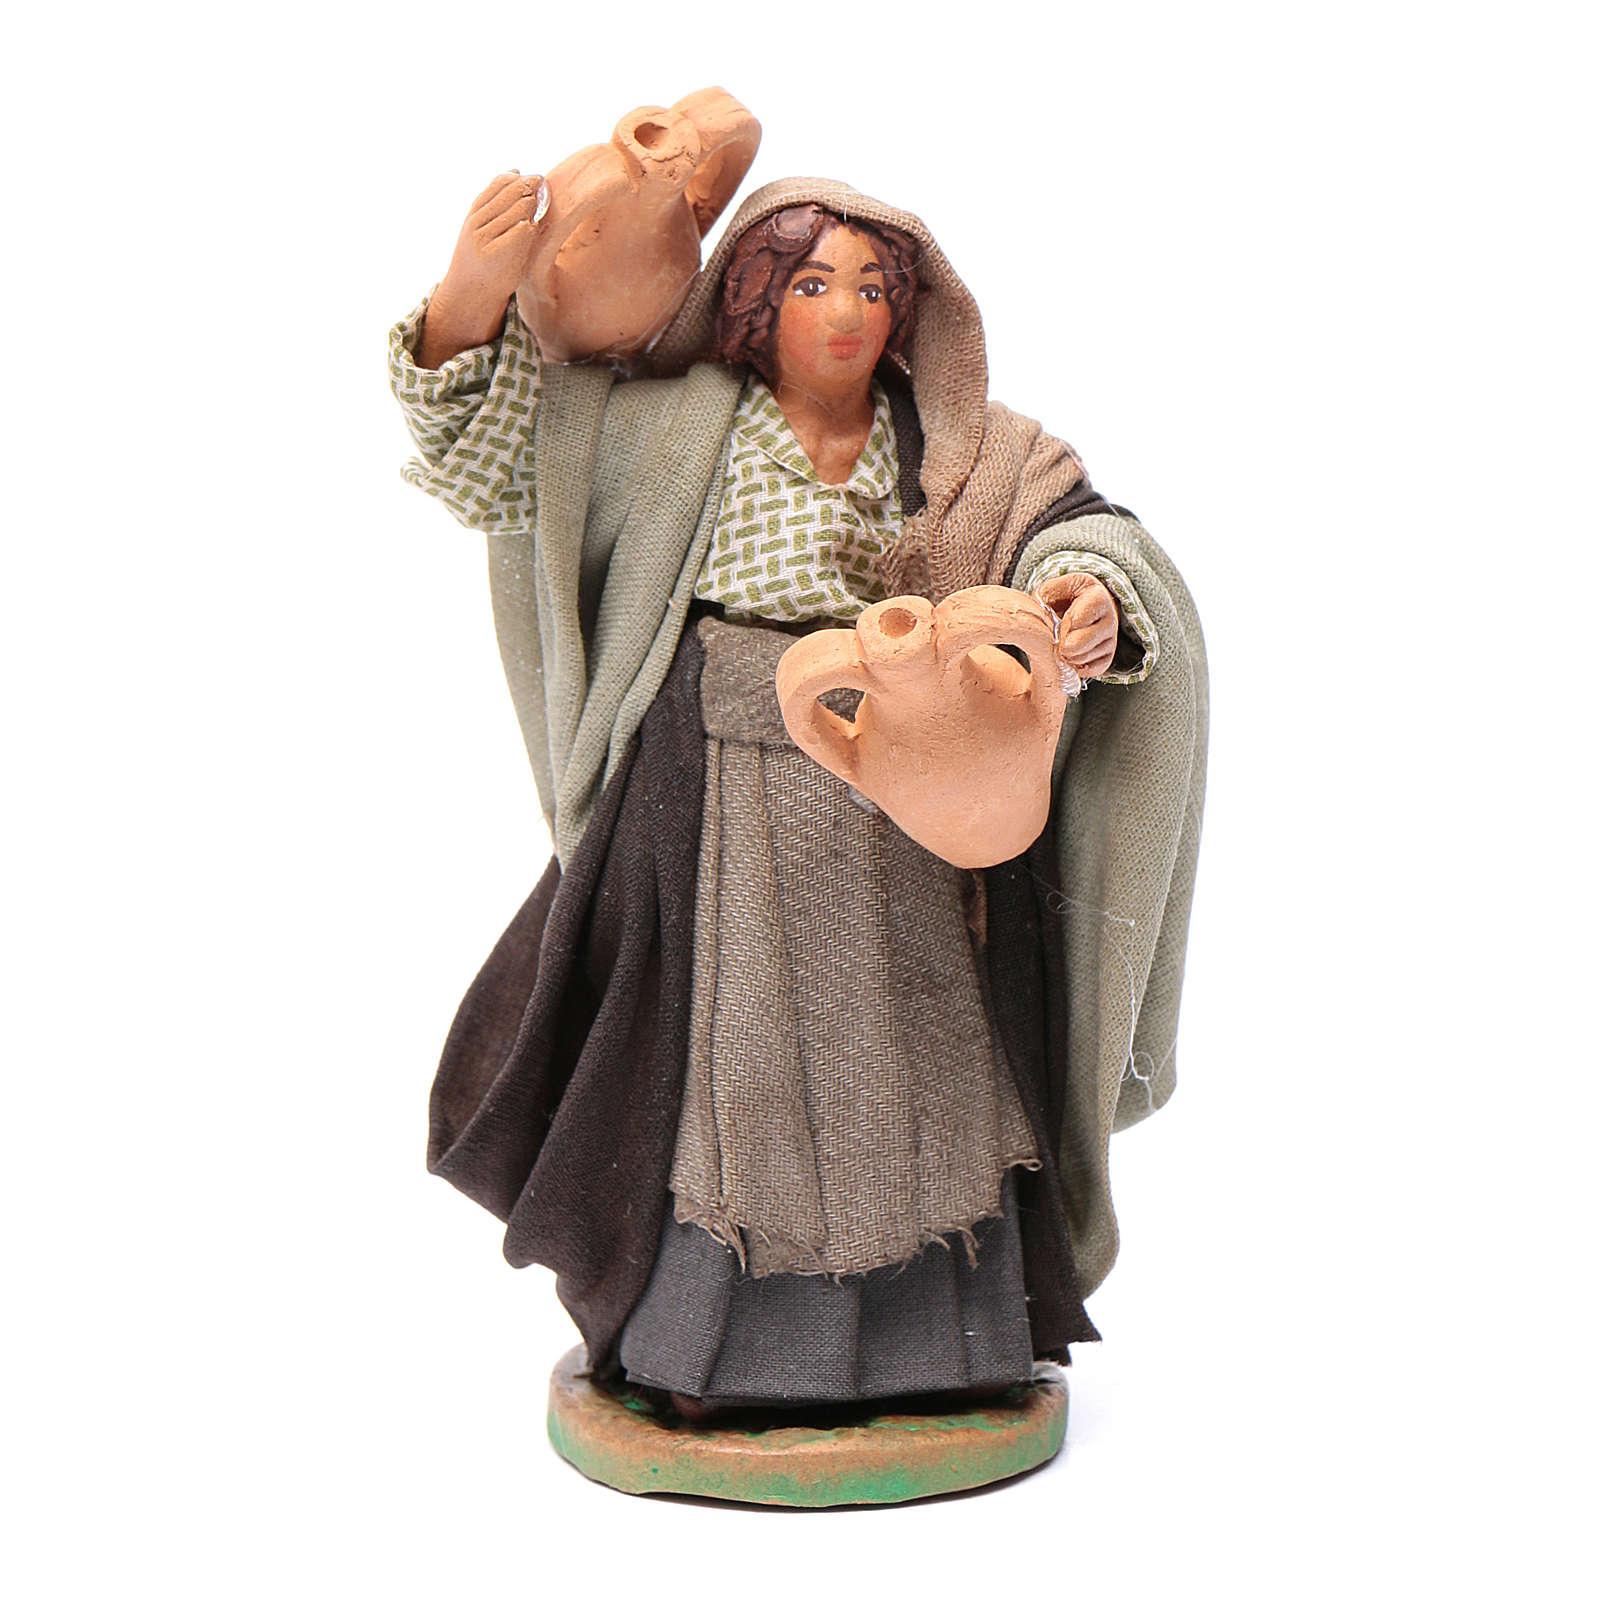 Mujer con ánfora al hombro pesebre napolitano 10 cm 4